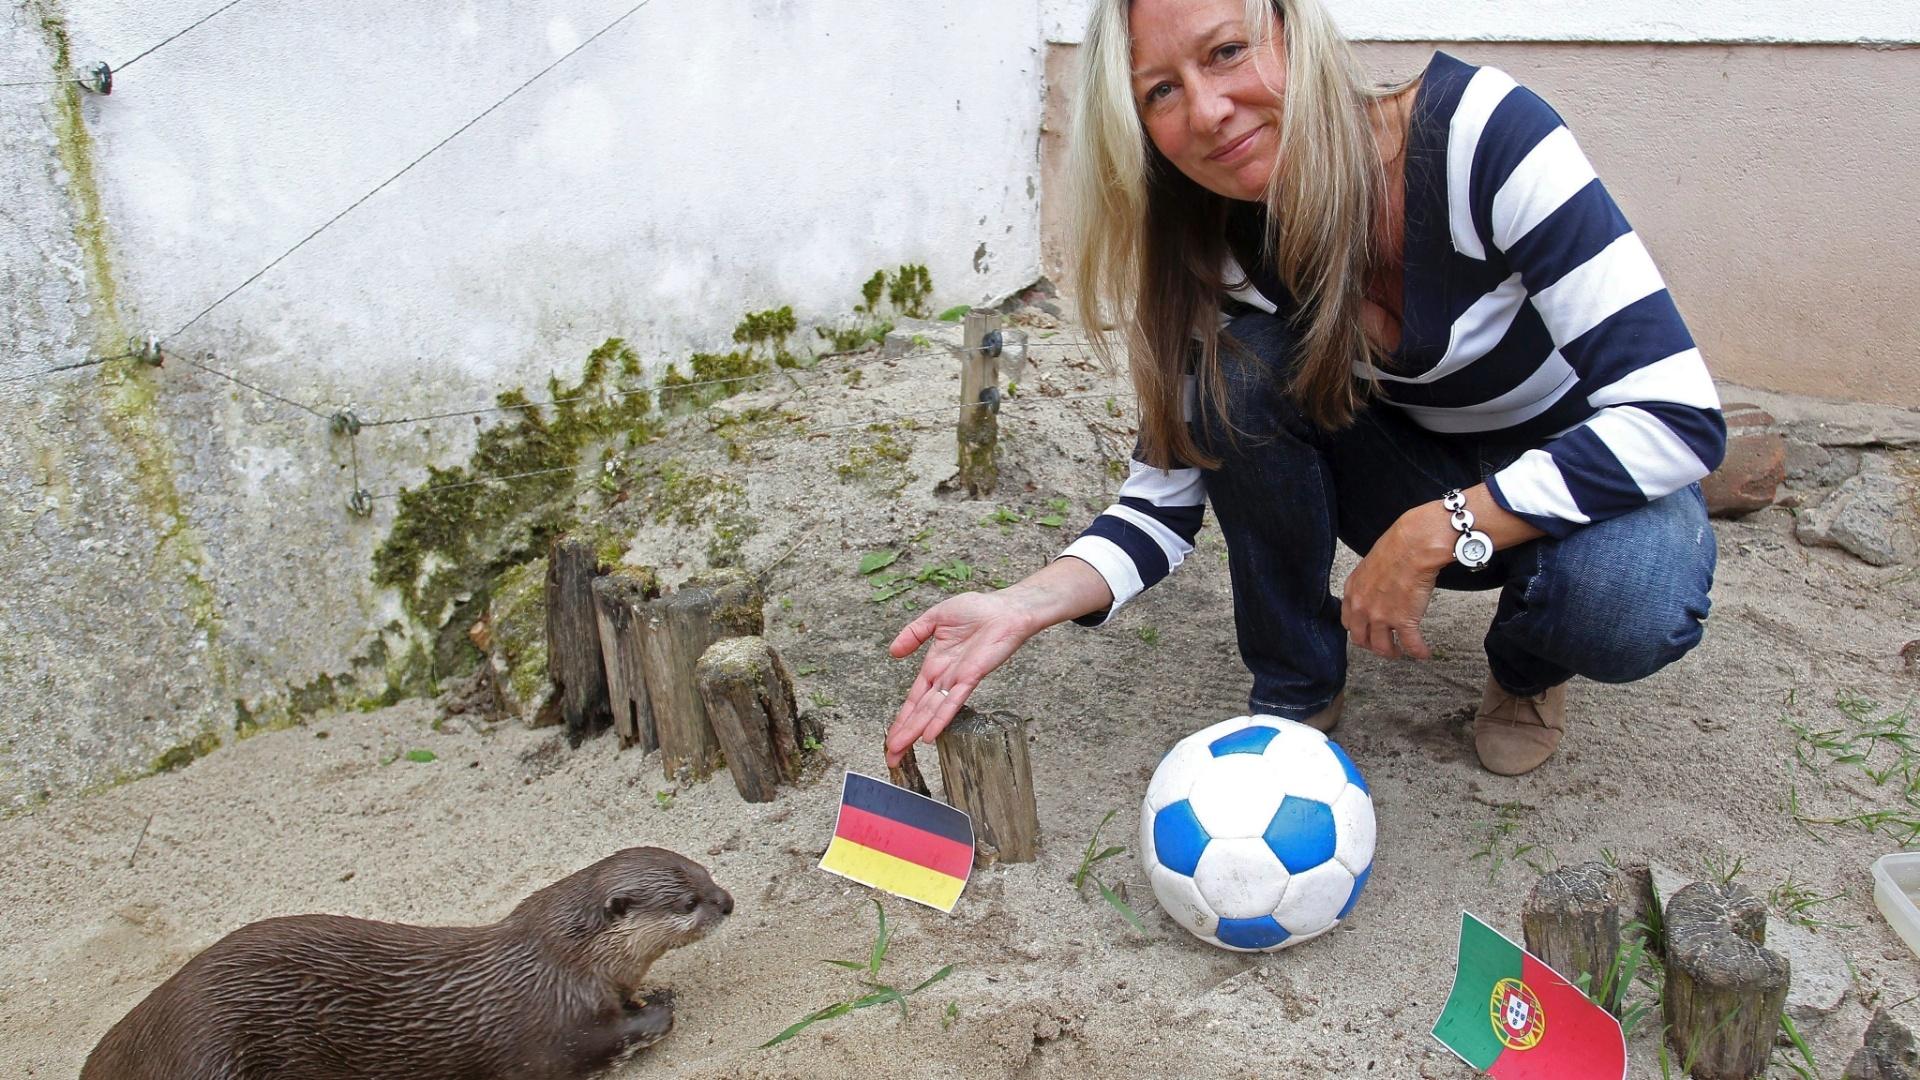 Se Paulus ficou em cima do muro, outro vidente alemão não pipocou. Para a lontra Nimo, do zoológico de Tierpark, vai dar Alemanha no jogo contra Portugal.